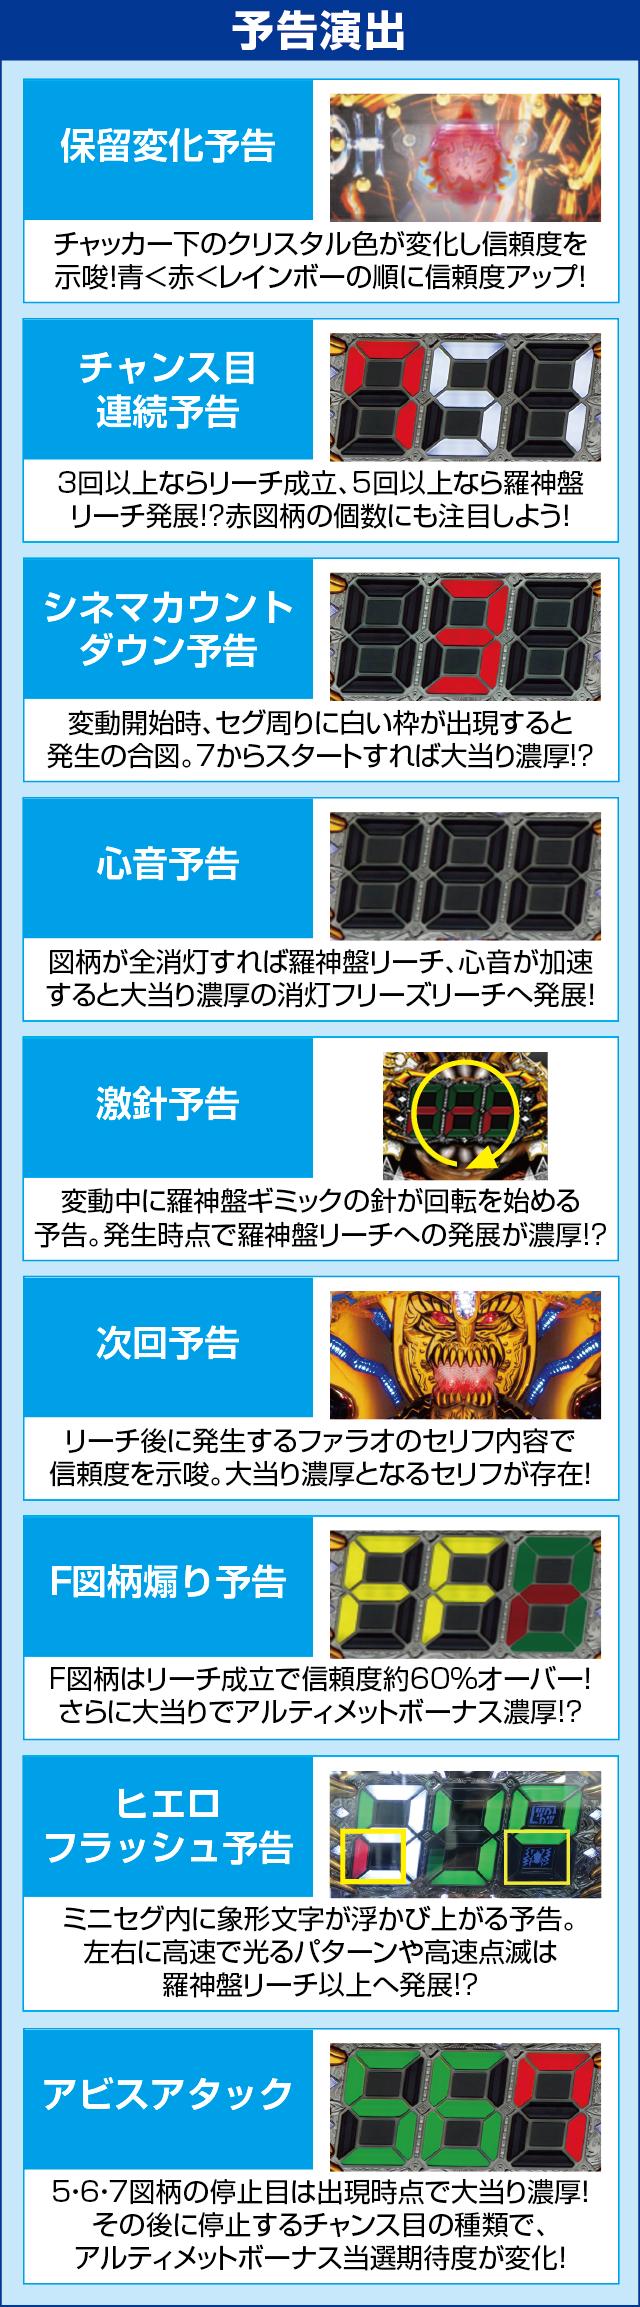 PAロードファラオ~神の一撃~連撃ver.のピックアップポイント